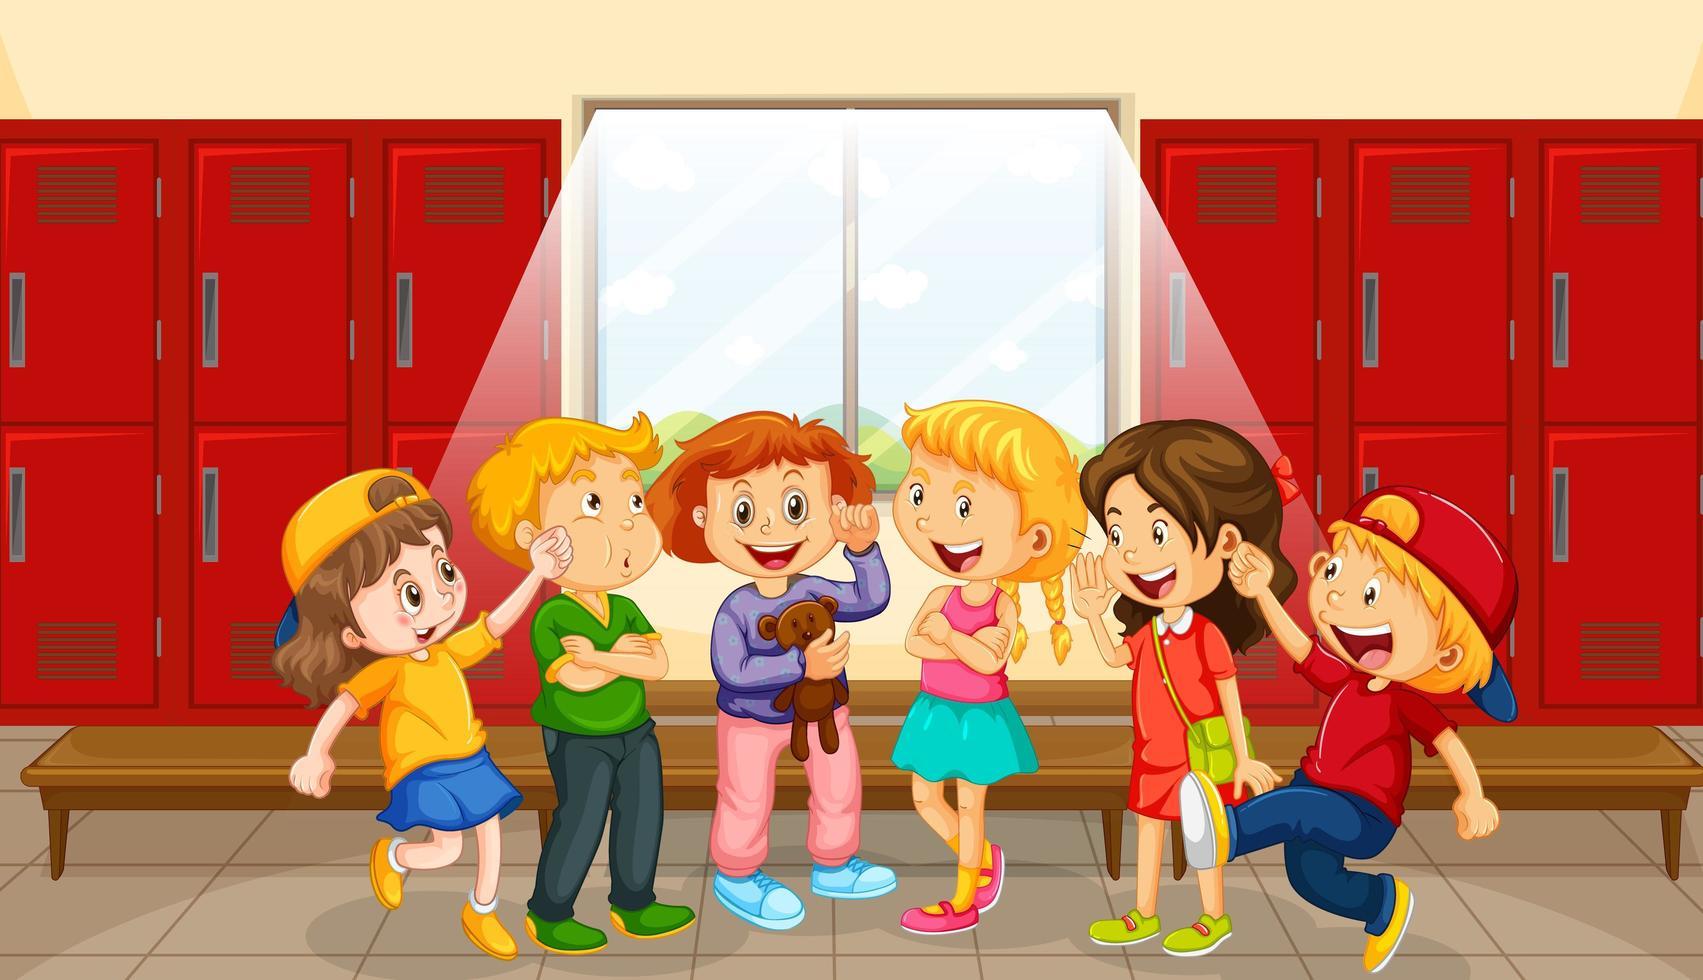 groep kinderen bij kleedkamer vector